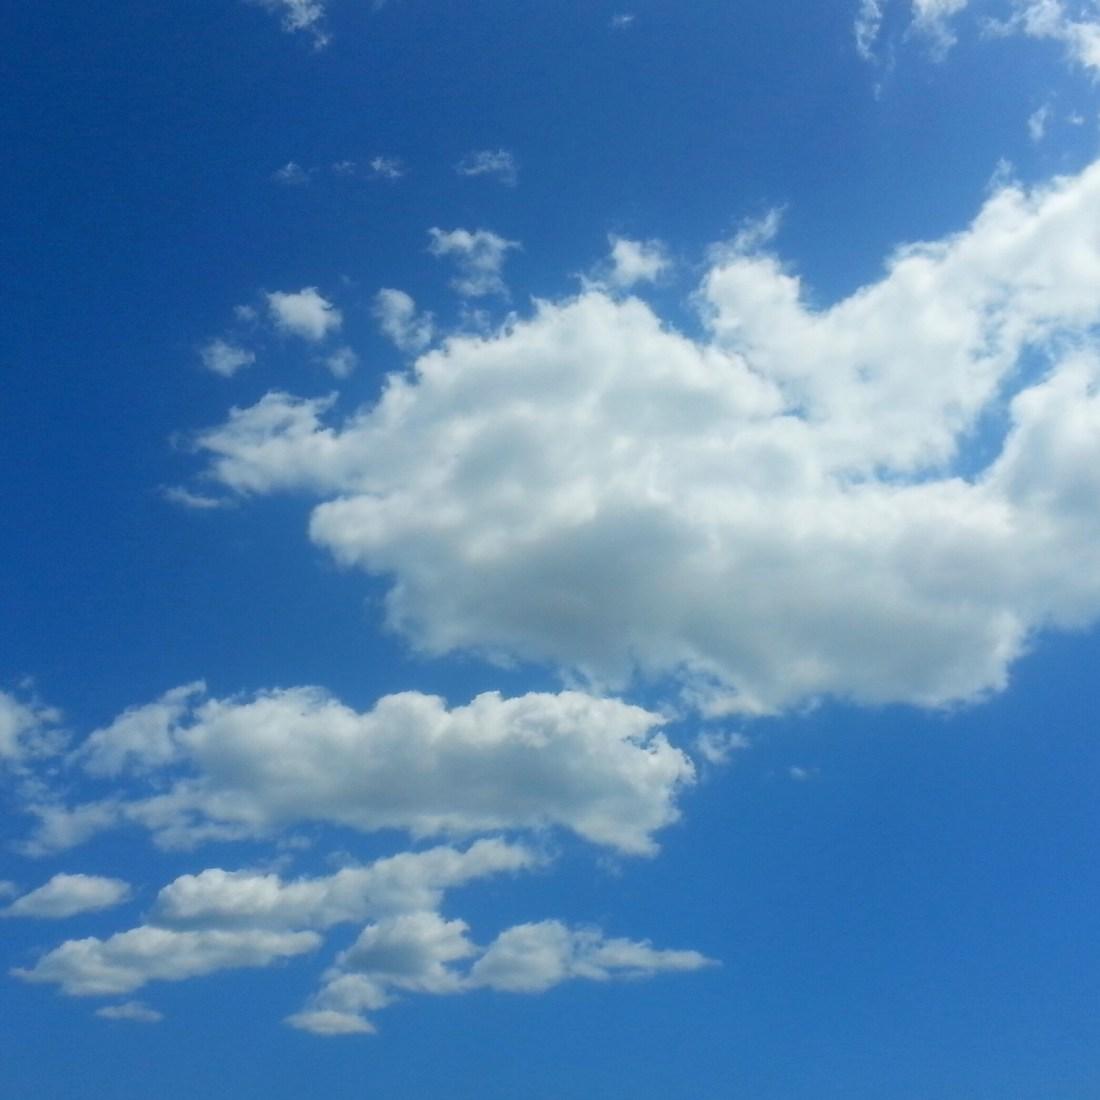 Gros nuages en vue....